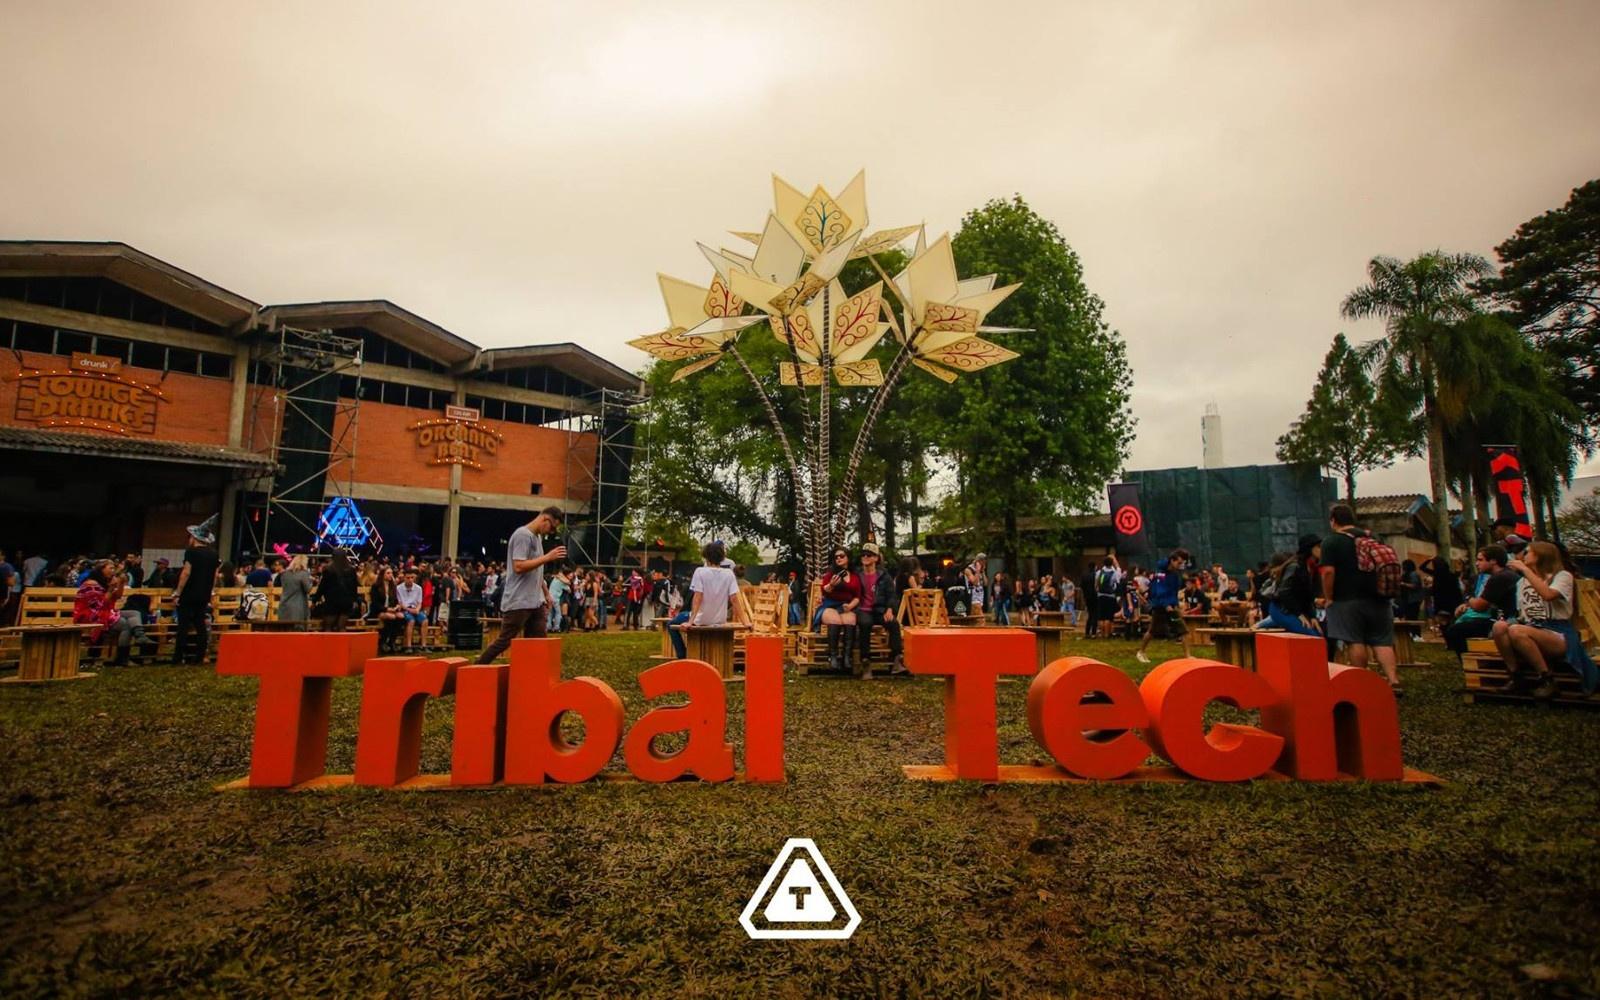 Pulso Entrevista: o pessoal do TribalTech conta um pouco sobre esse festival que deseja conectar pessoas